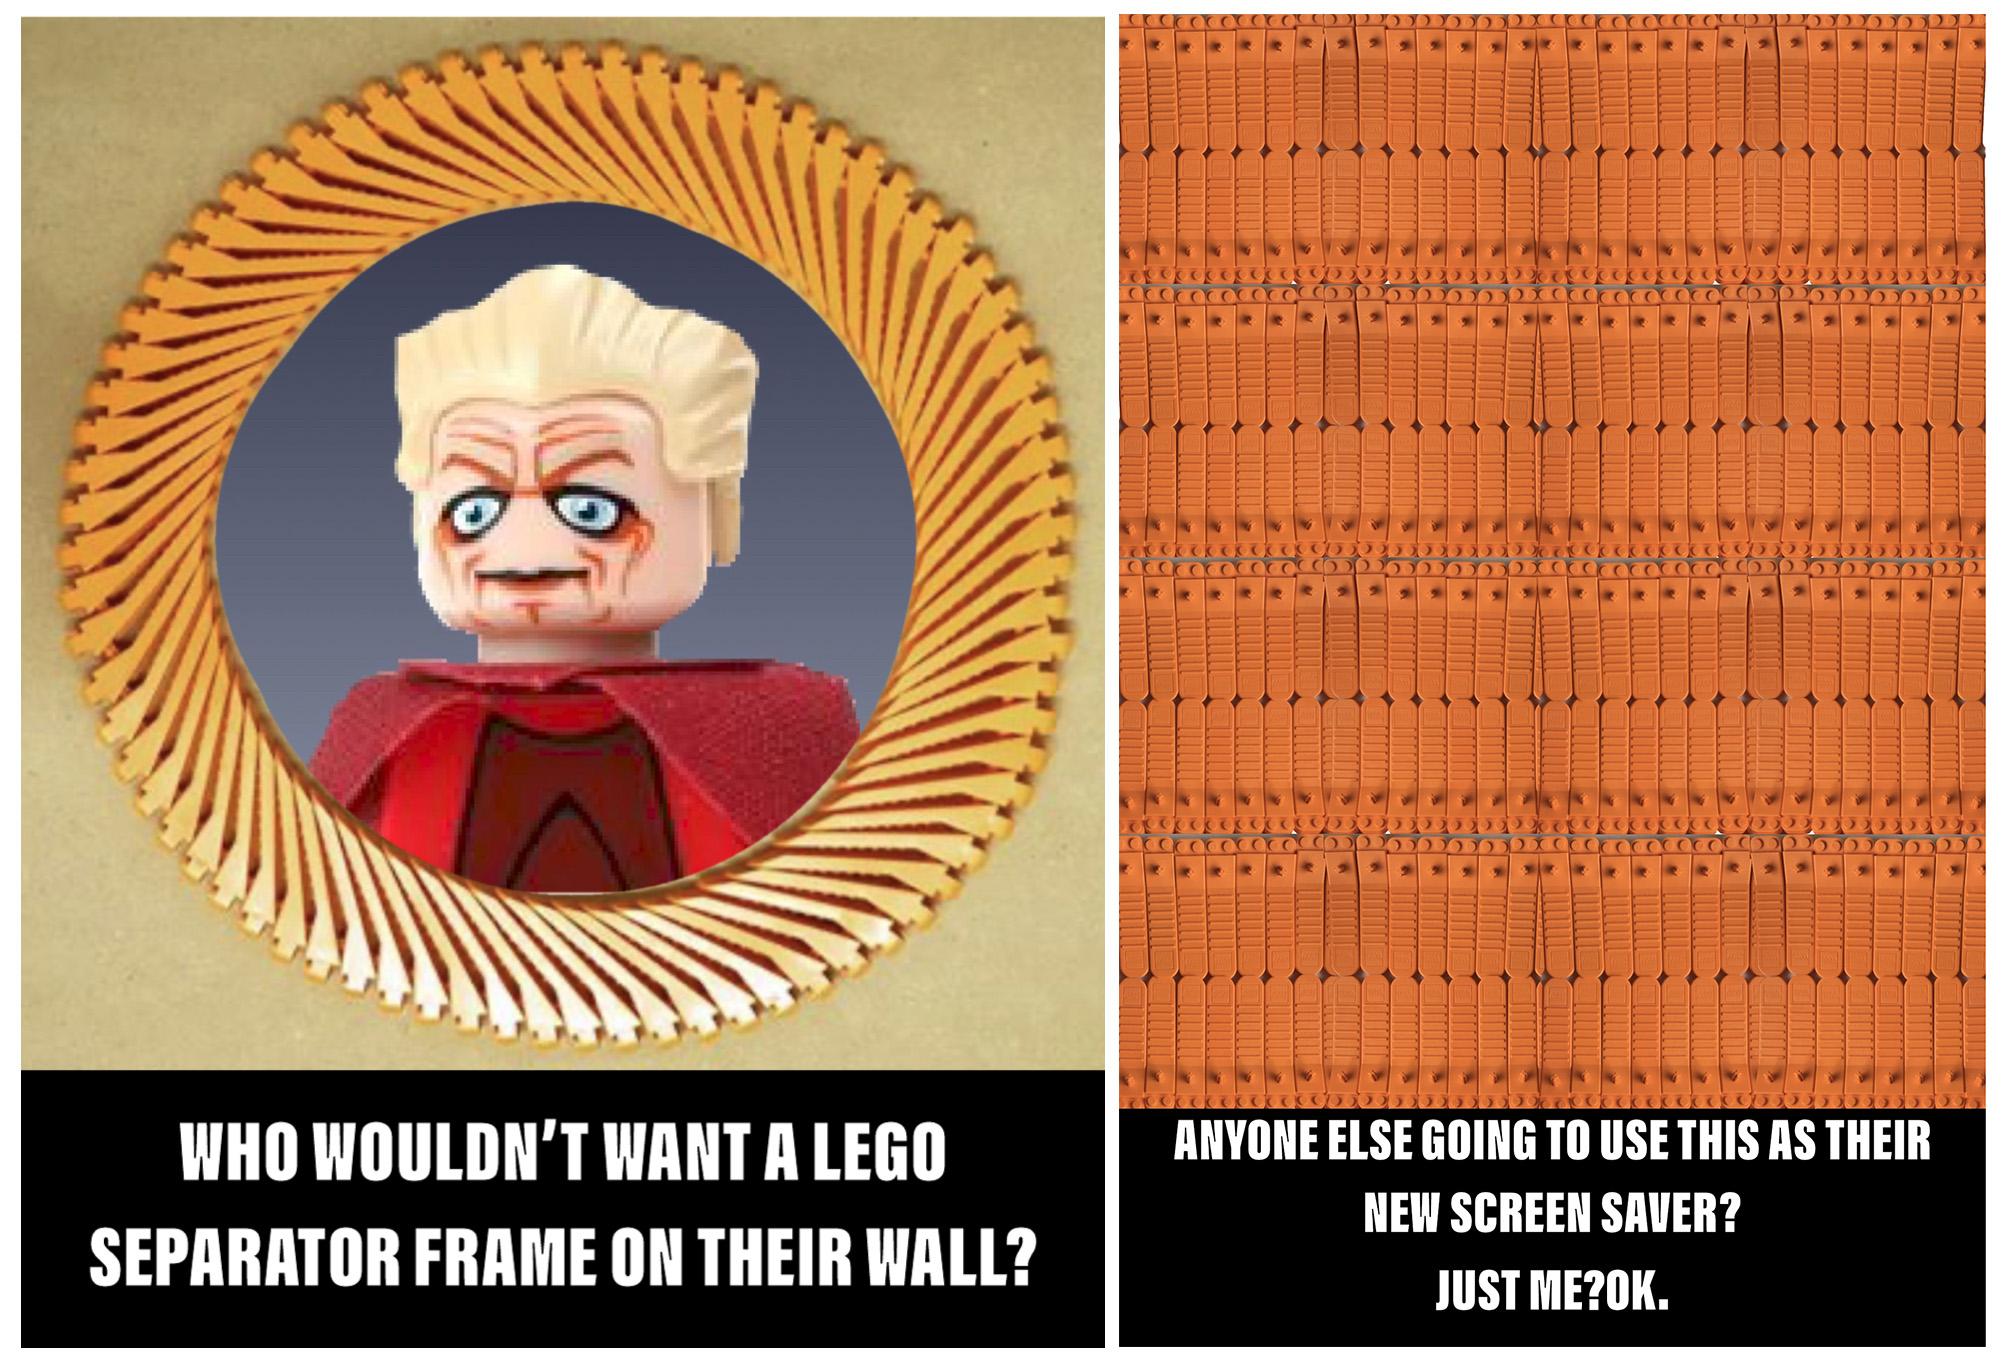 lego collectors brick separators